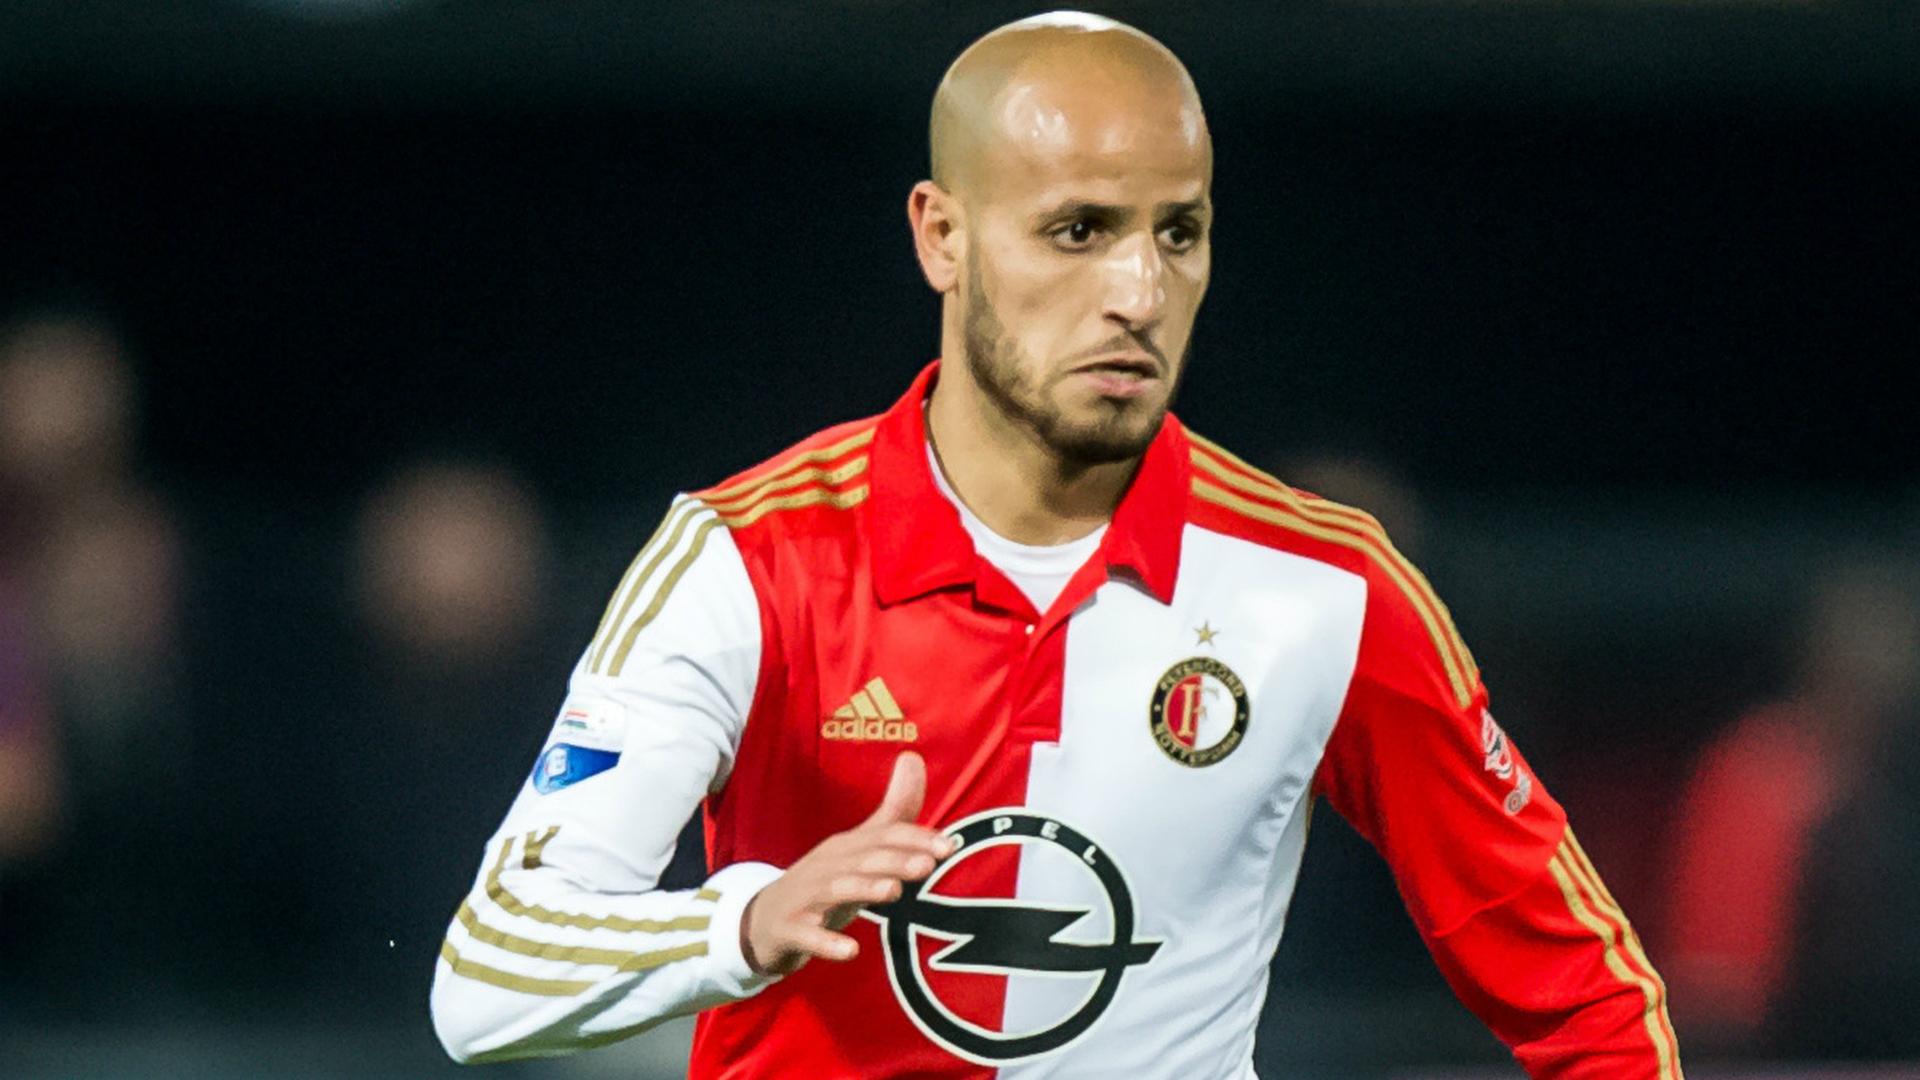 Karim El Ahmadi, Feyenoord, Eredivisie, 20160417